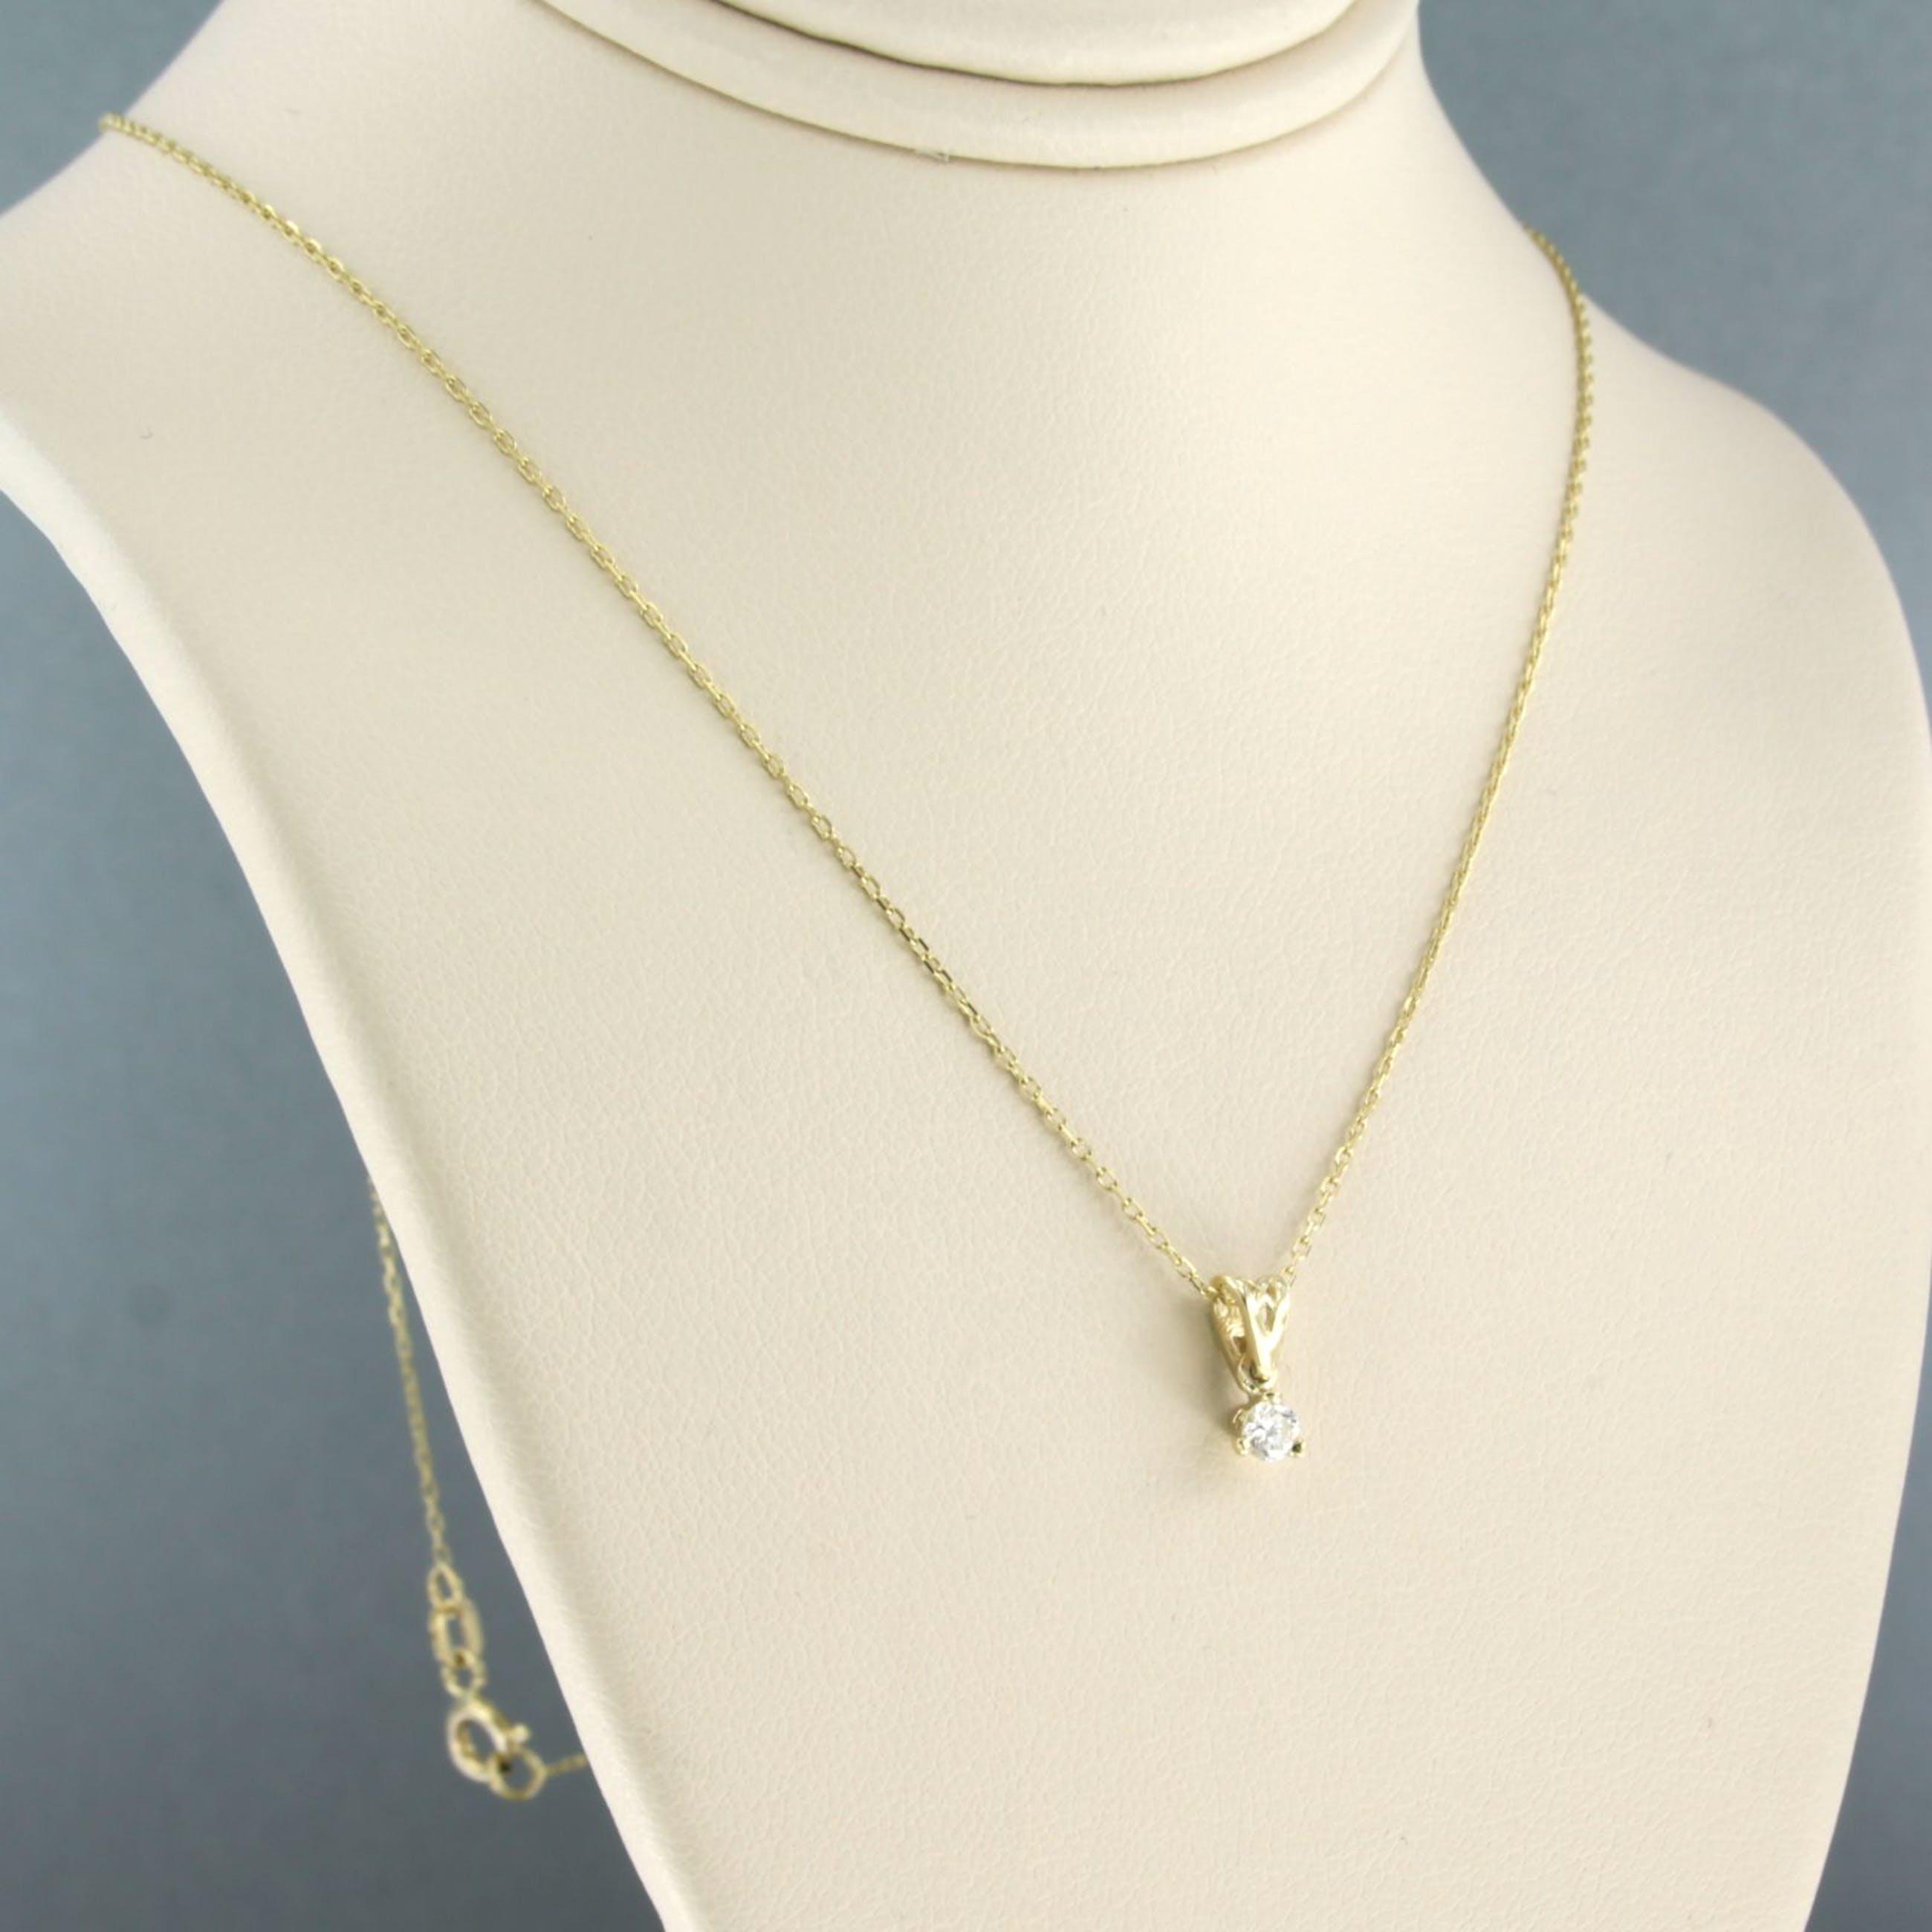 14k collier met solitair hanger bezet met briljant geslepen diamant 0,10ct kopen? Bied vanaf 160!